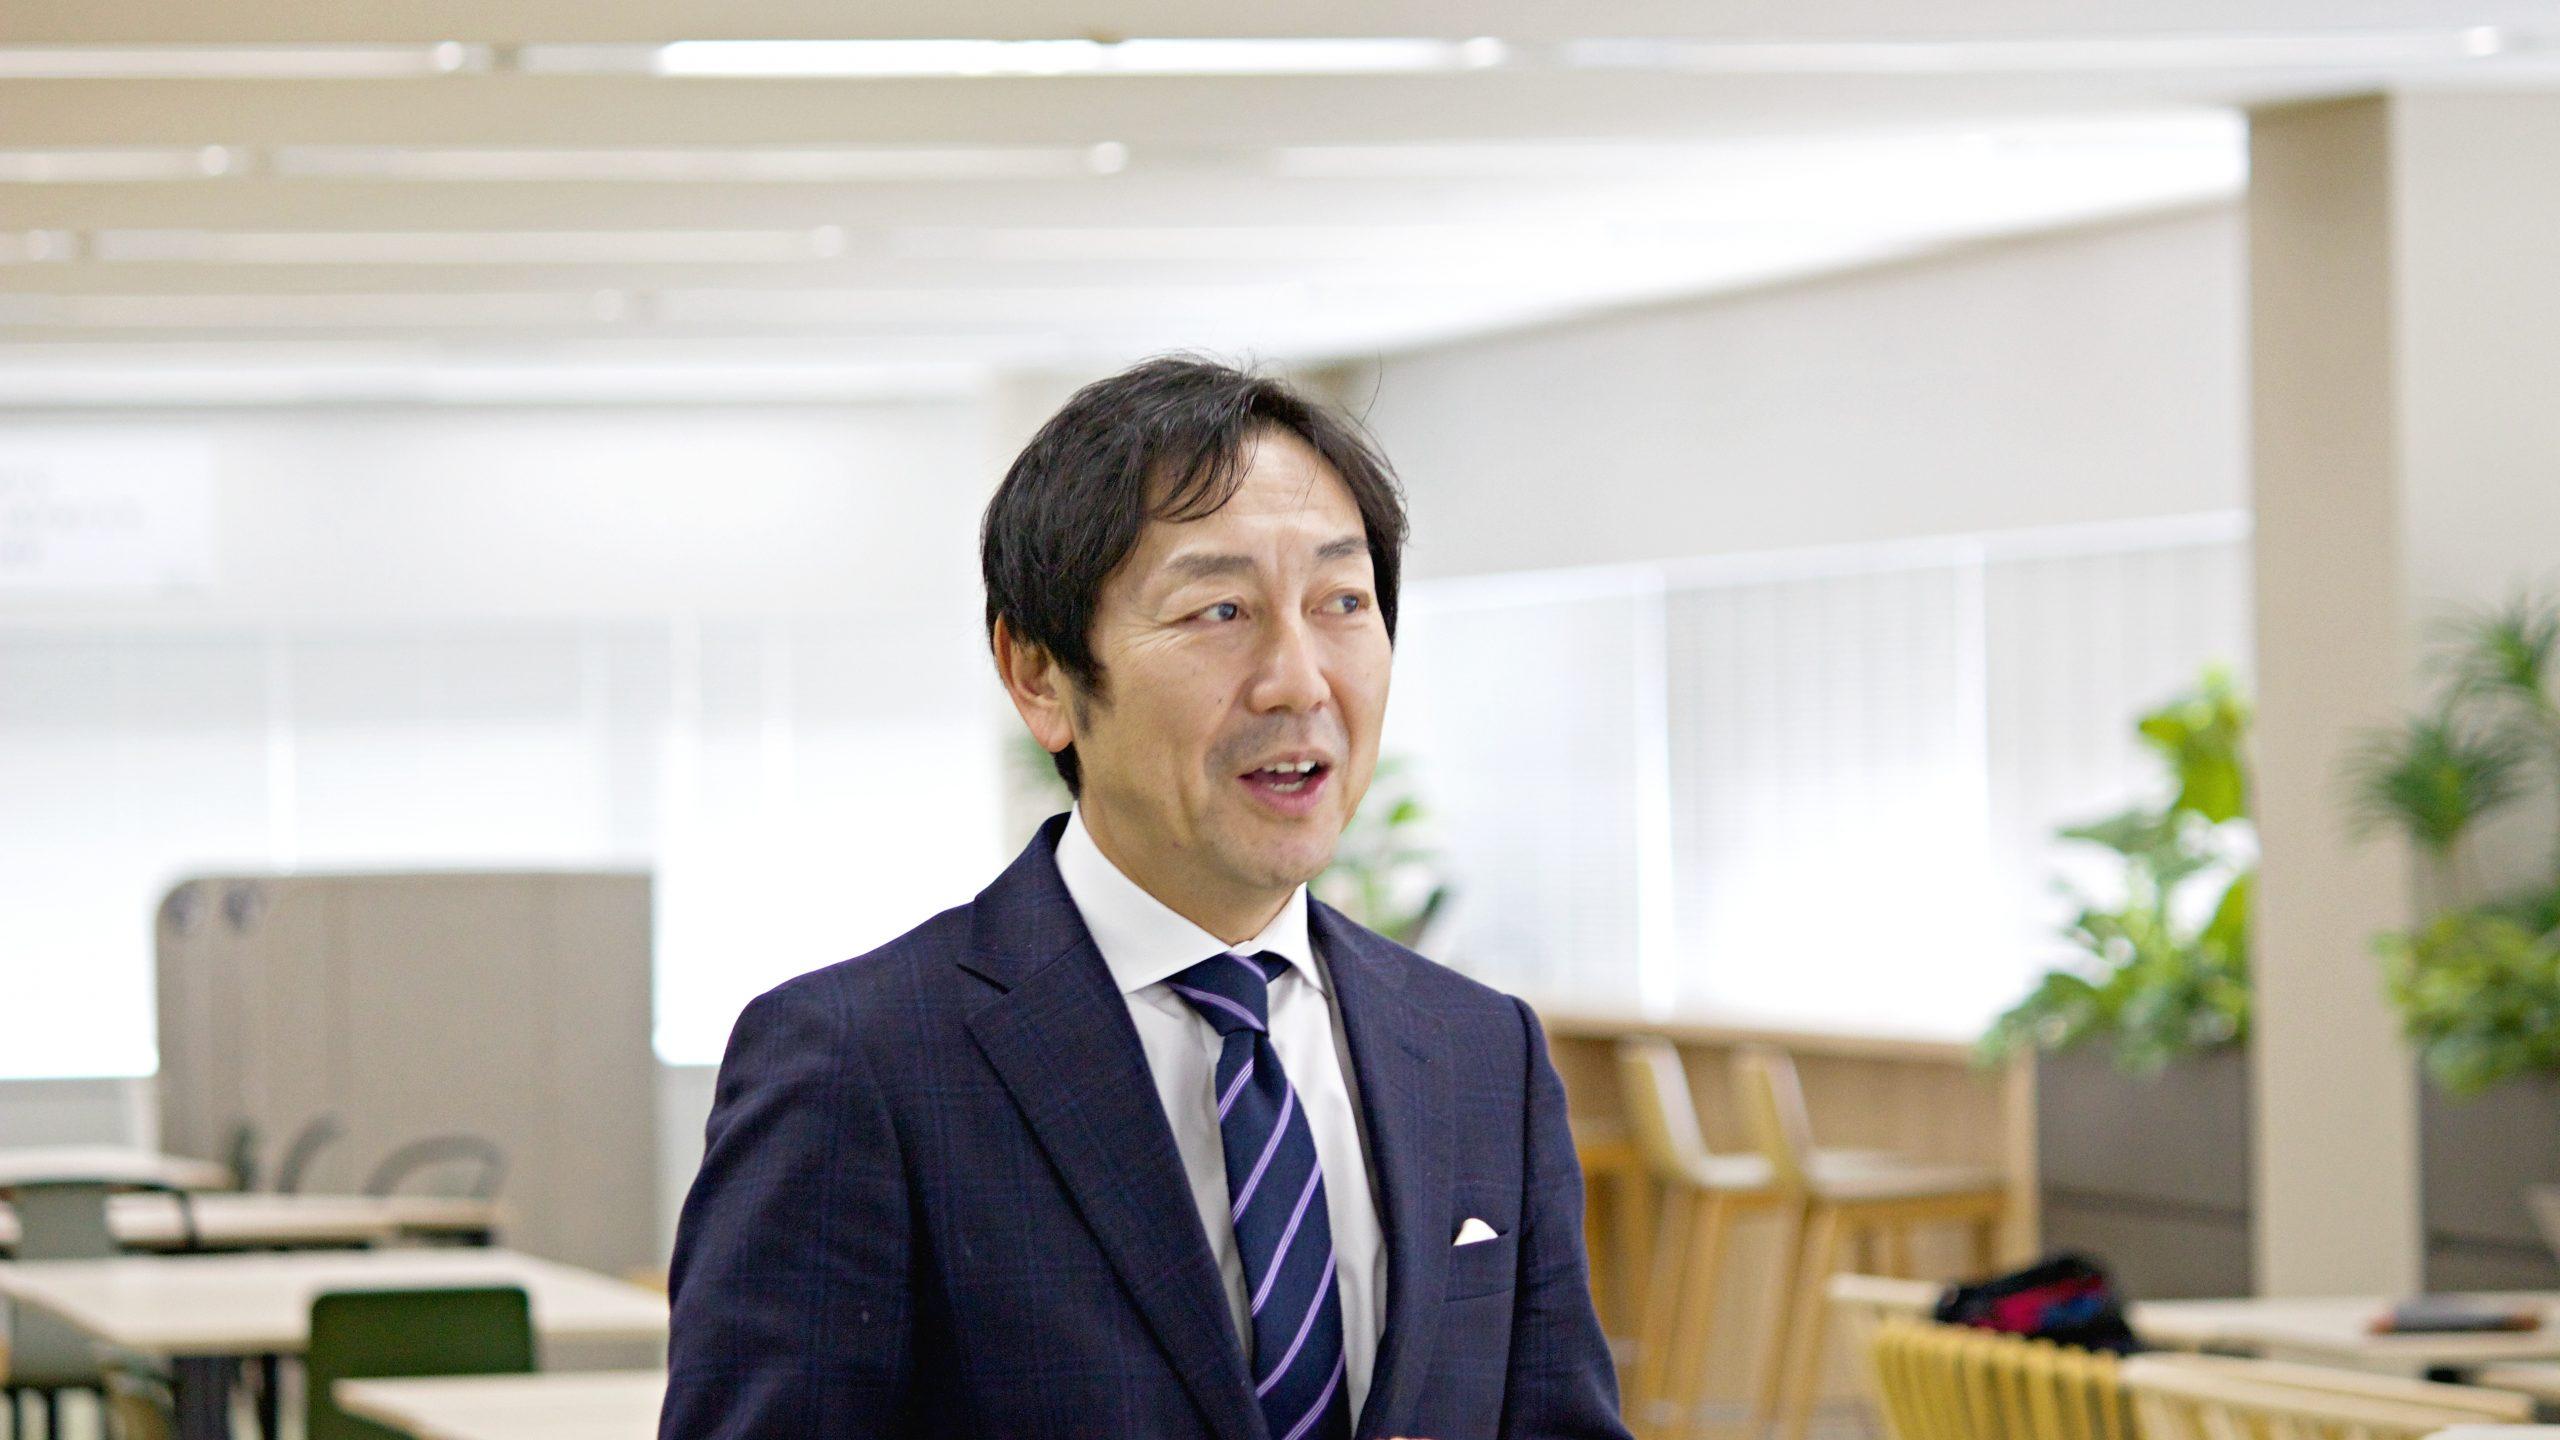 鎌倉新書、売上高はYoY30%成長し営業益とも過去最高 新事業への積極投資でサービス網拡大